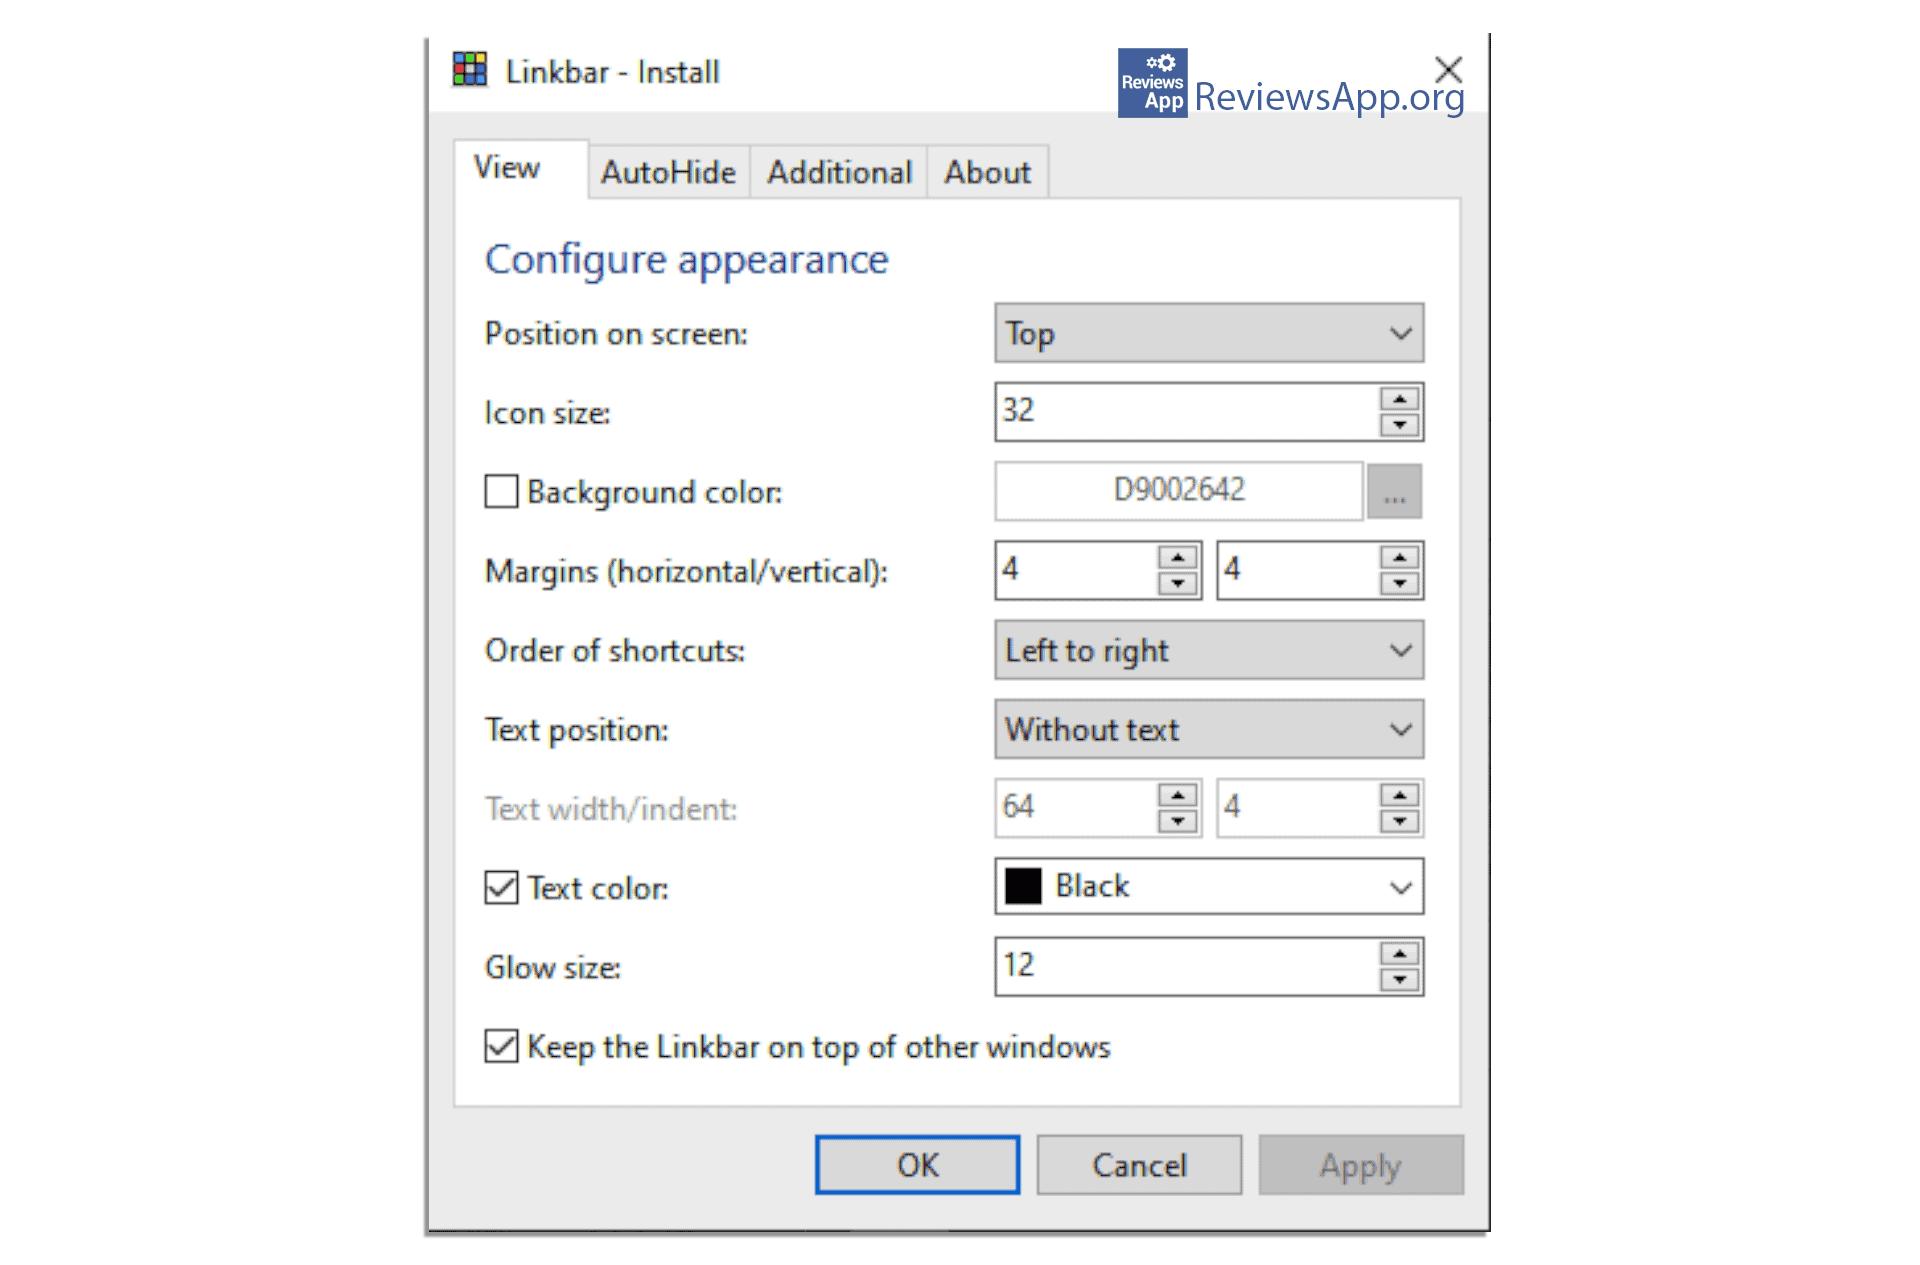 Linkbar settings